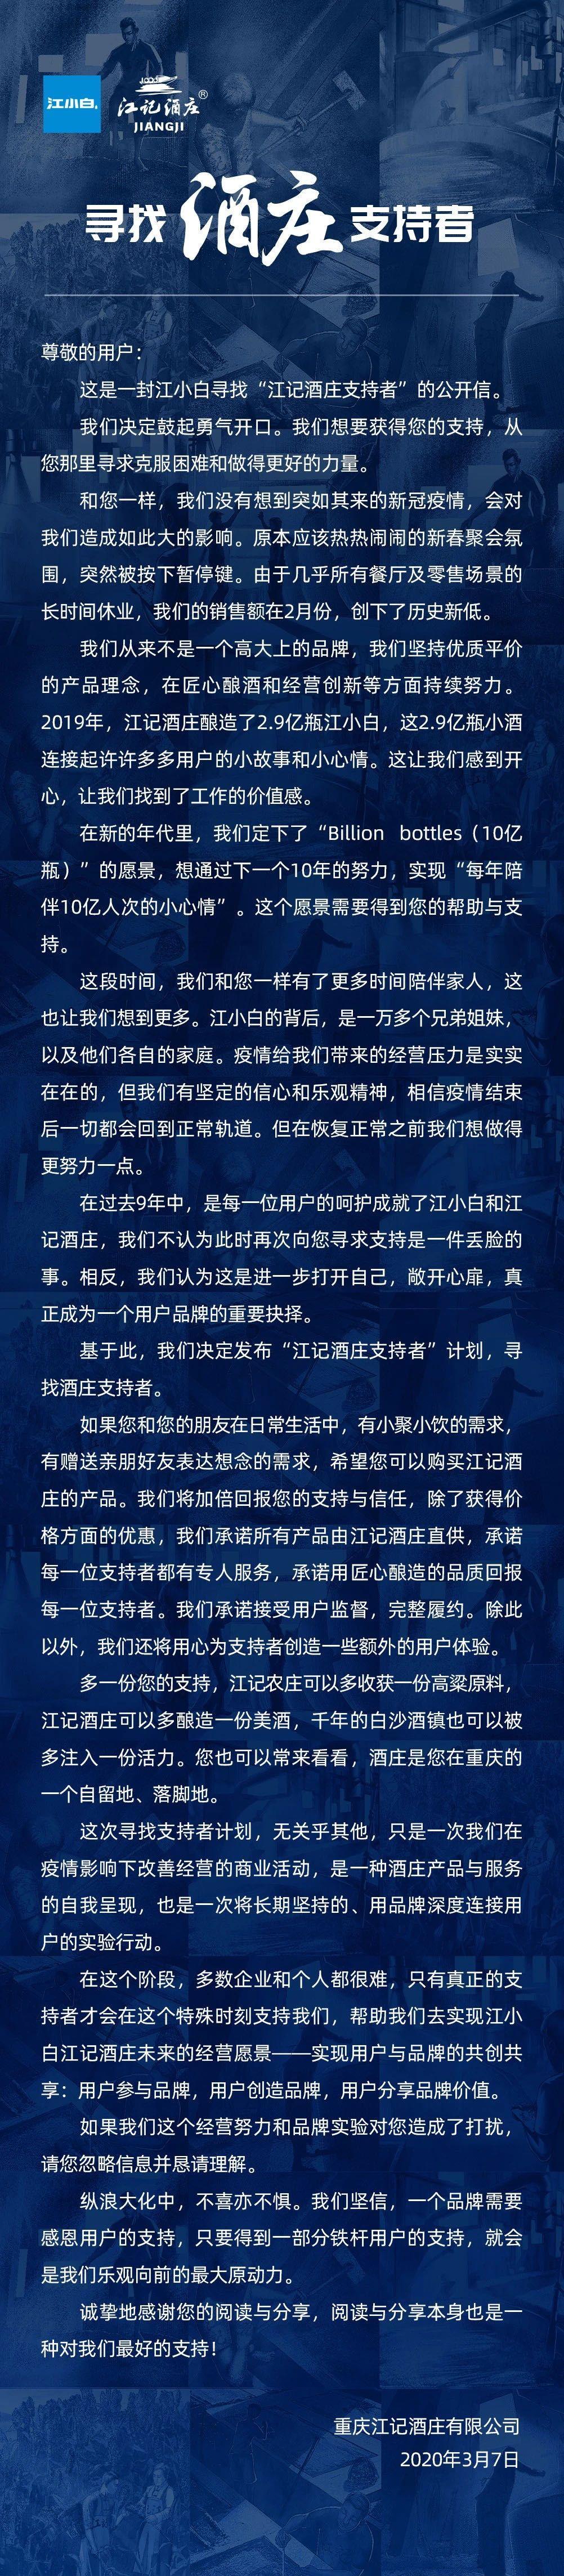 """江小白发布""""江记酒庄支持者""""计划,6款套餐寻""""铁粉""""图片"""